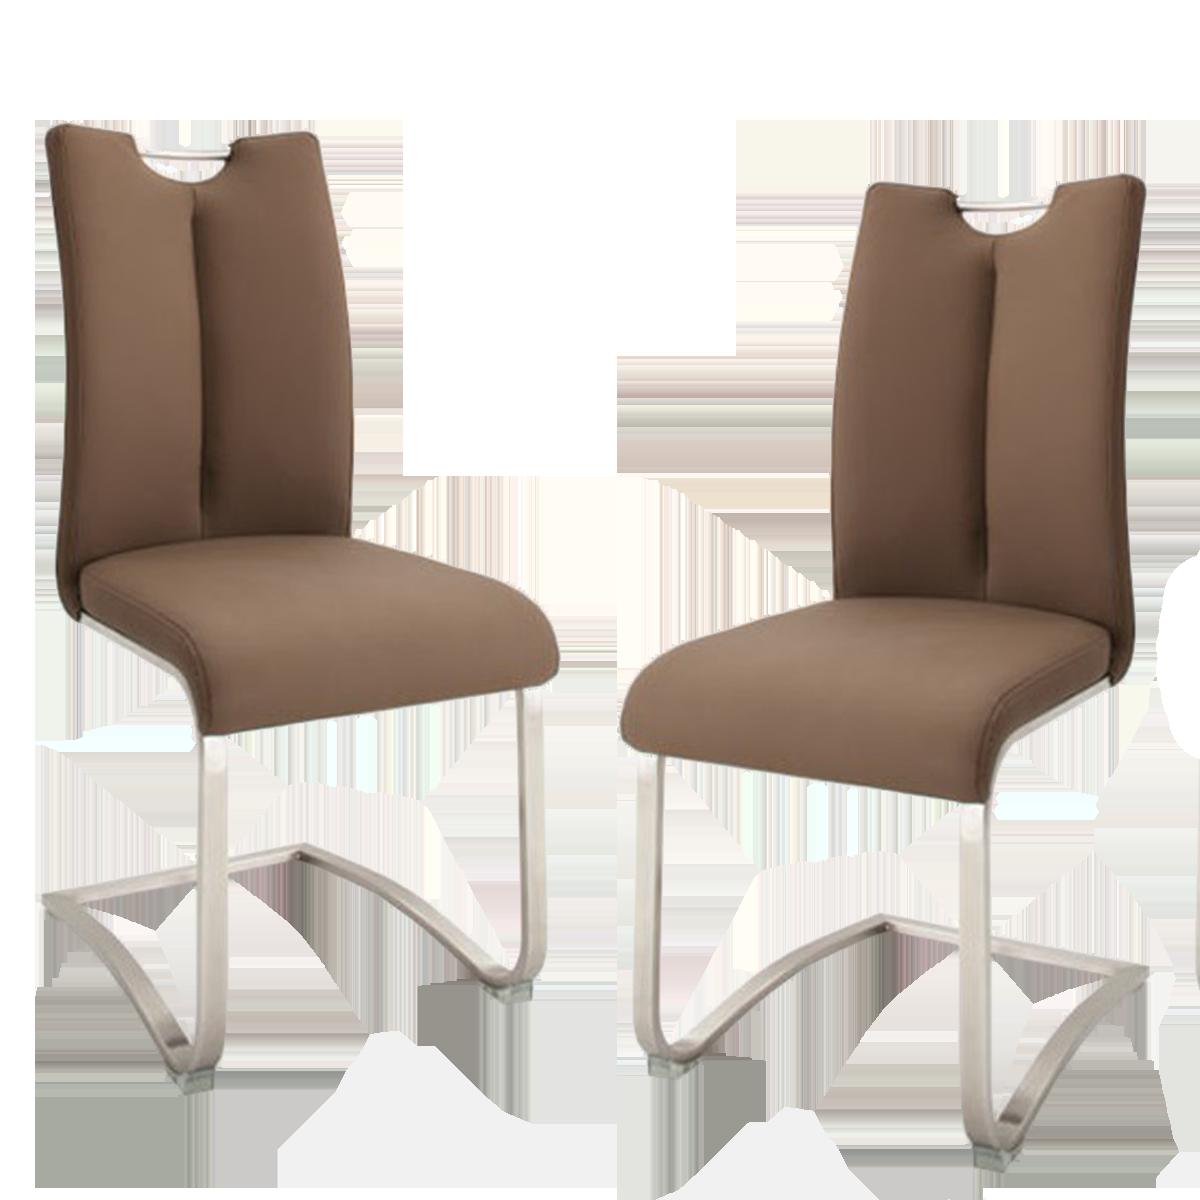 MCA furniture Schwingstuhl Artos 1XL mit Griff Kunstlederbezug Farbe cappuccino Gestell Flachrohr Edelstahl gebürstet Stühle im 2er Set